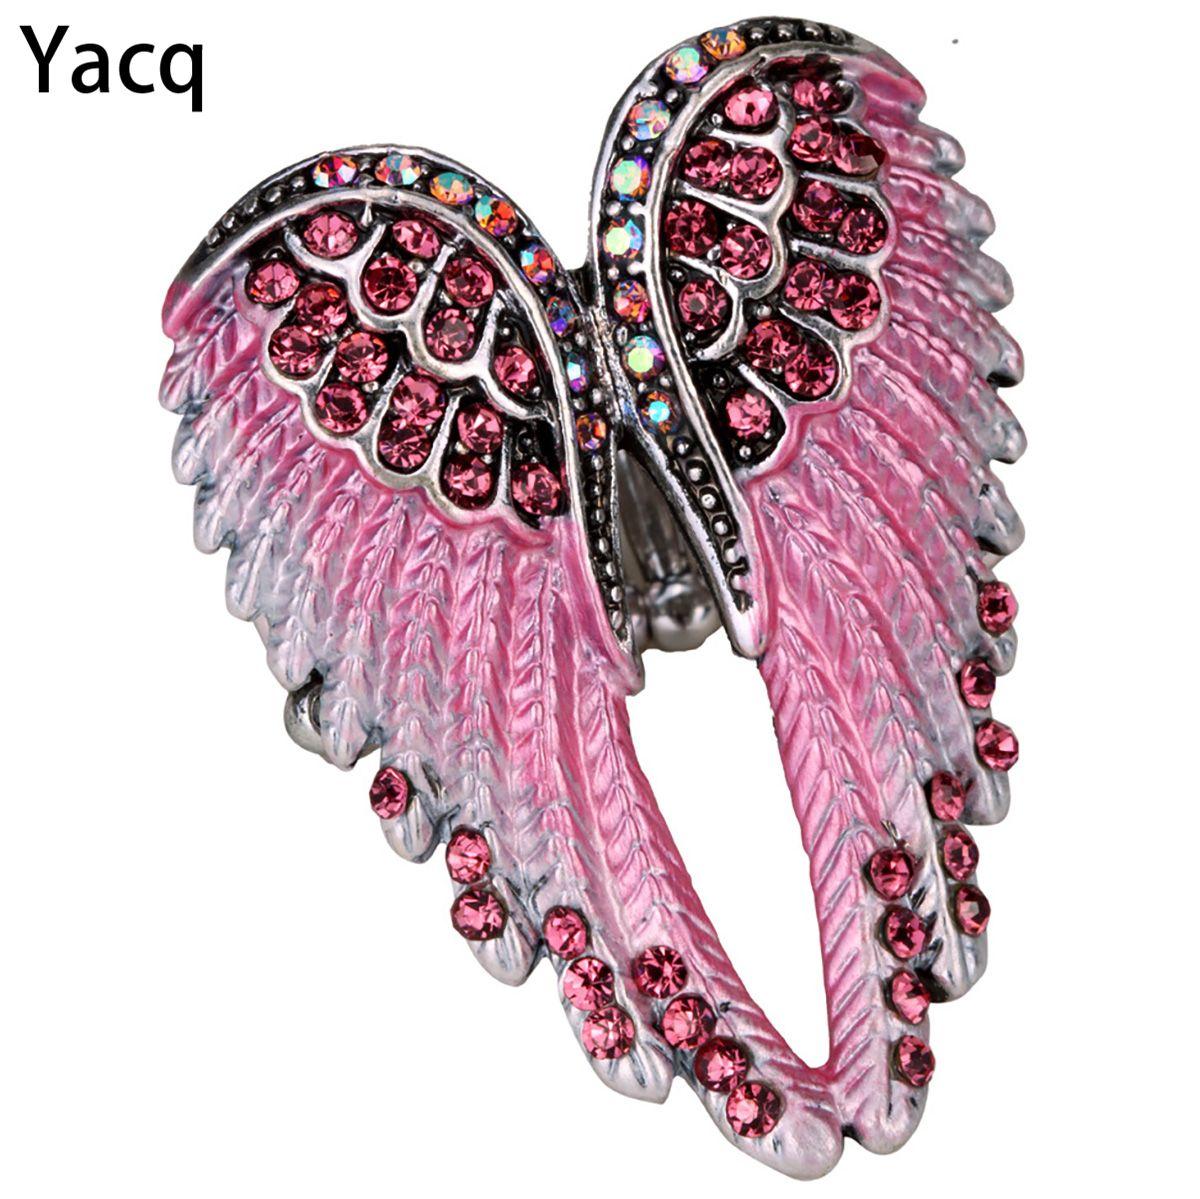 YACQ ange ailes Stretch anneau écharpe fermoir boucle femmes Biker Bling cristal bijoux cadeaux son or argent plaqué livraison directe